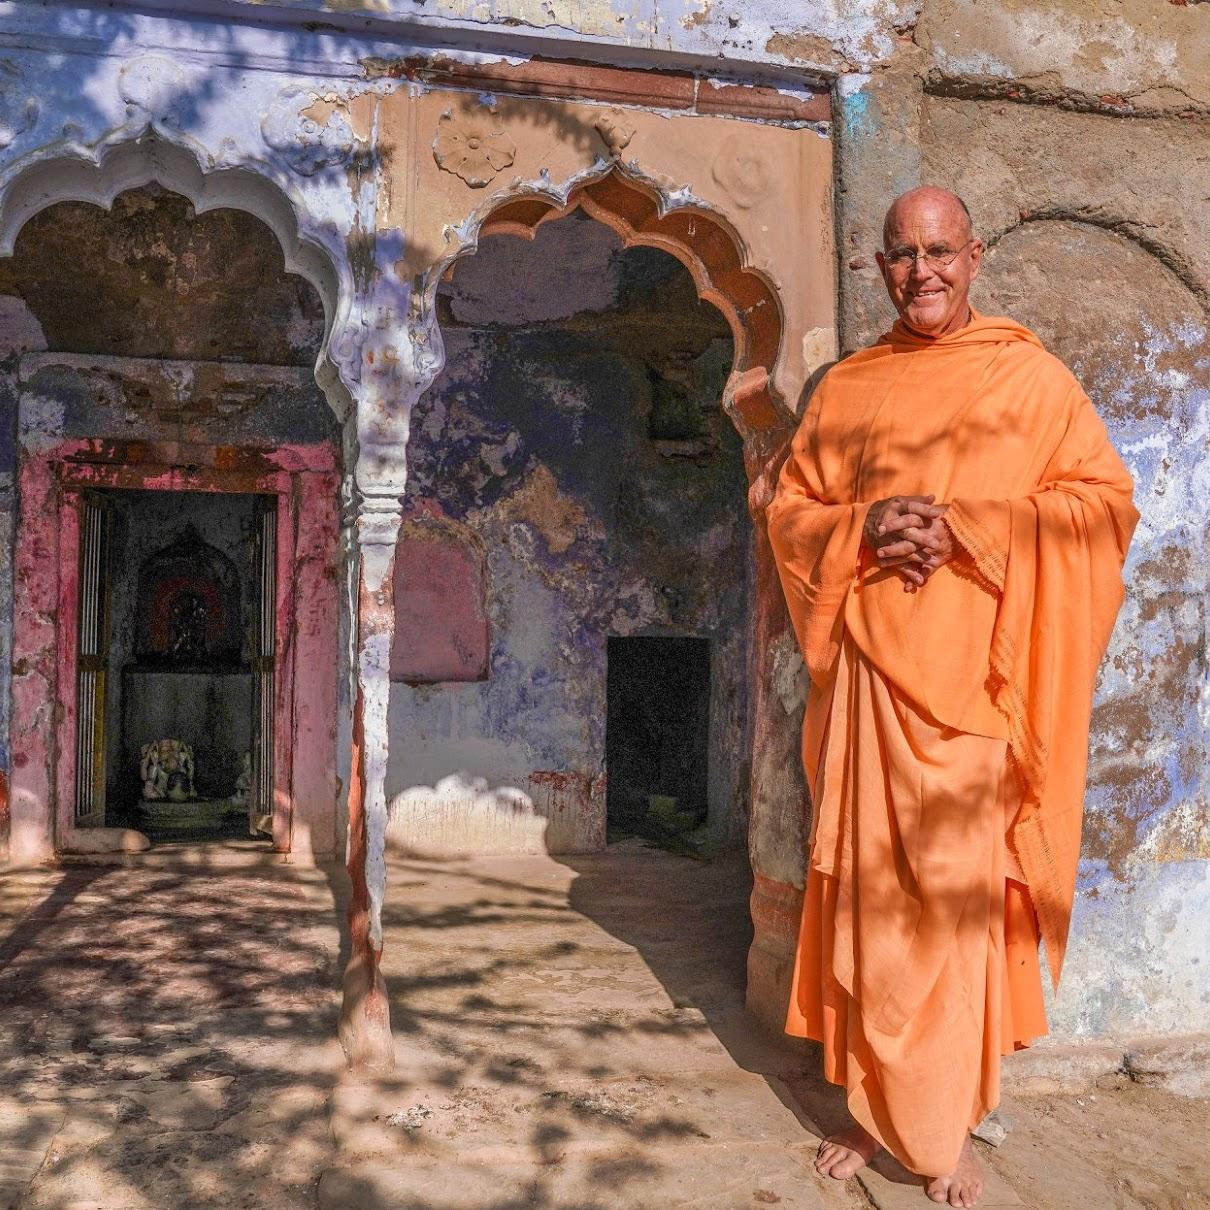 Indradyumna_Swami_Surya_kuna